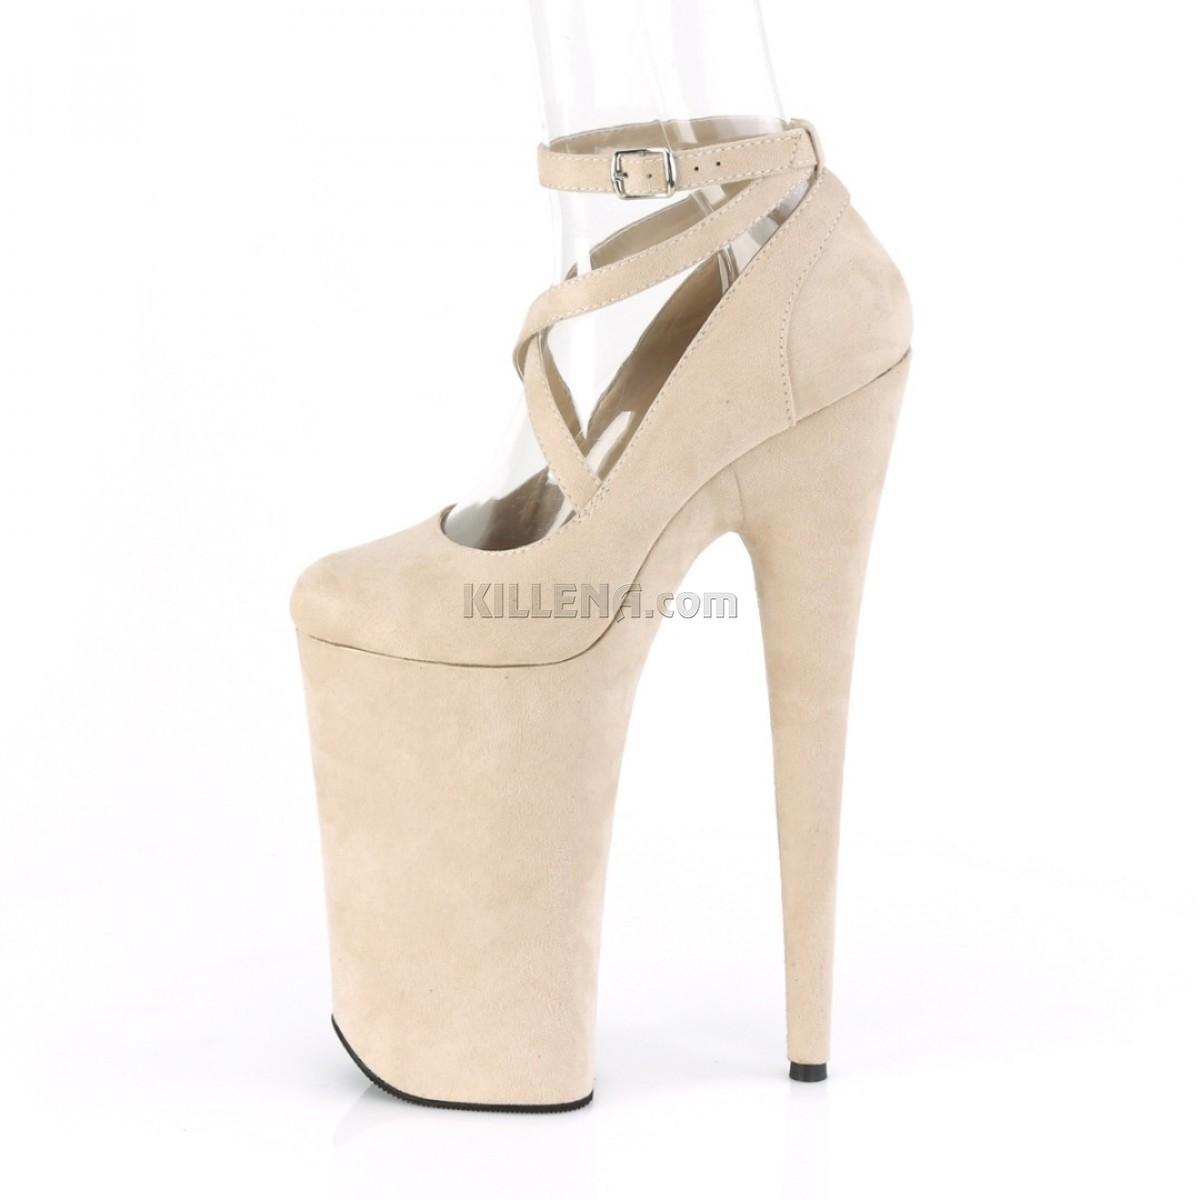 Бежевые замшевые высокие туфли Beyond с перекрещивающимися лямками